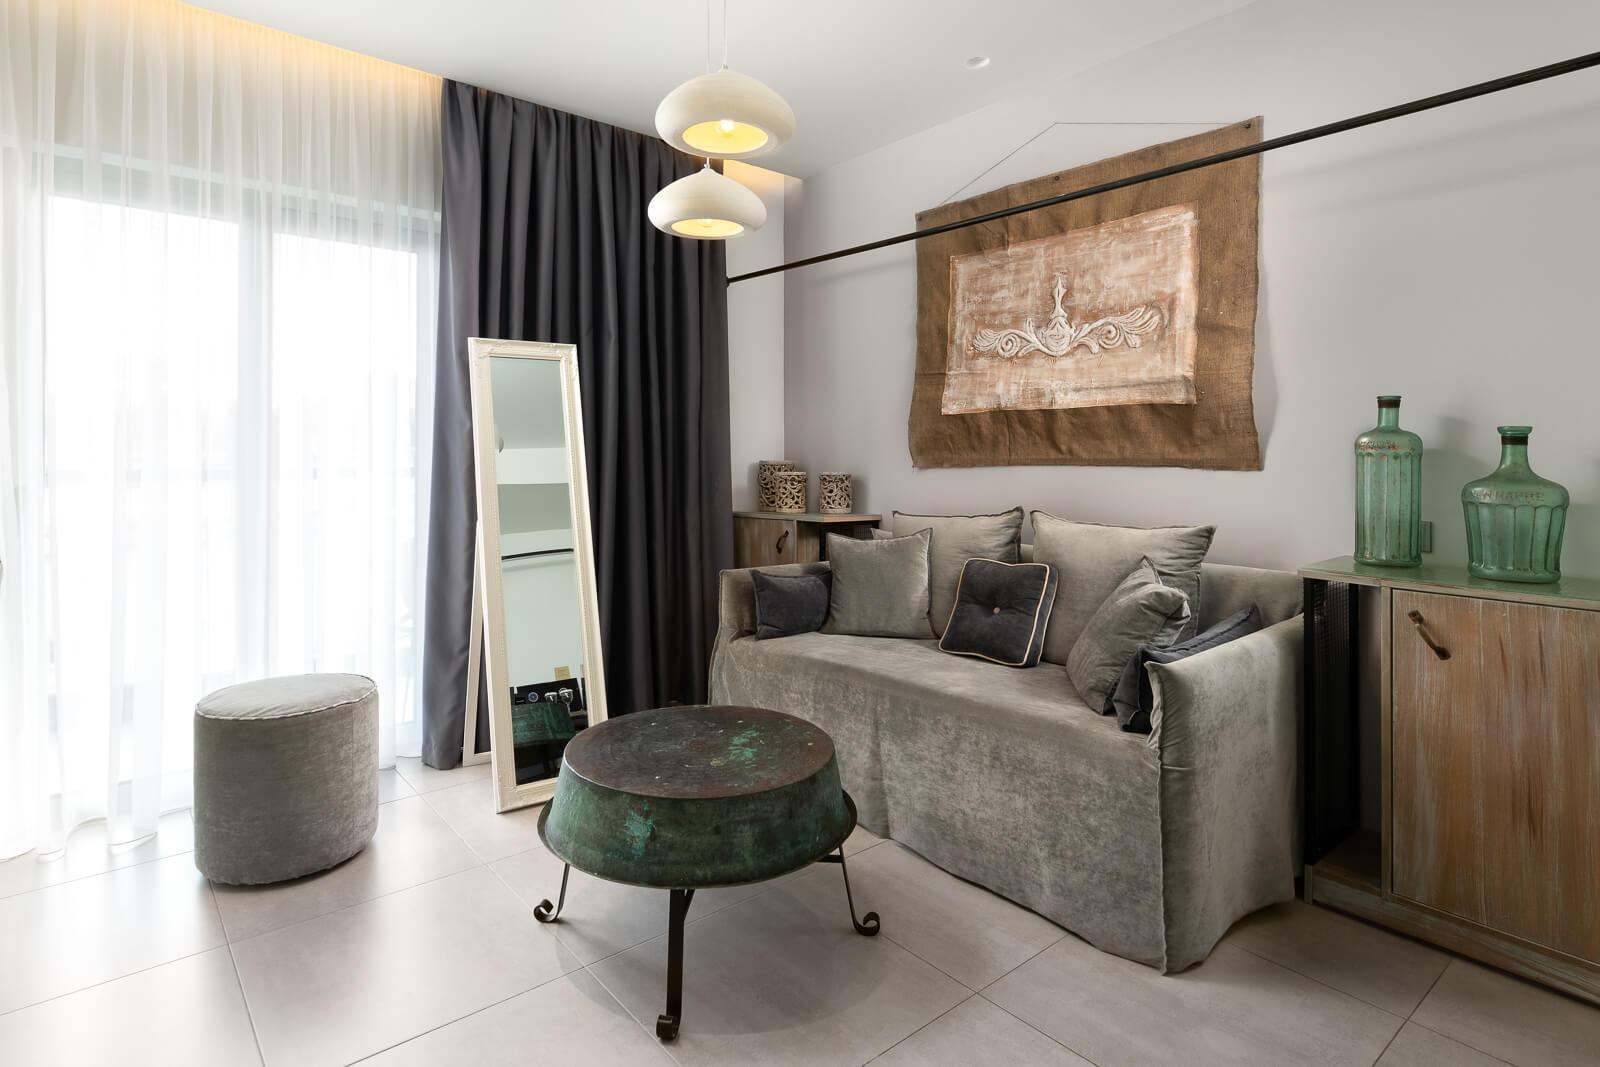 Vrachos-Suite-Living-Room-Elakati-Luxury-Boutique-Hotel-in-Rhodes